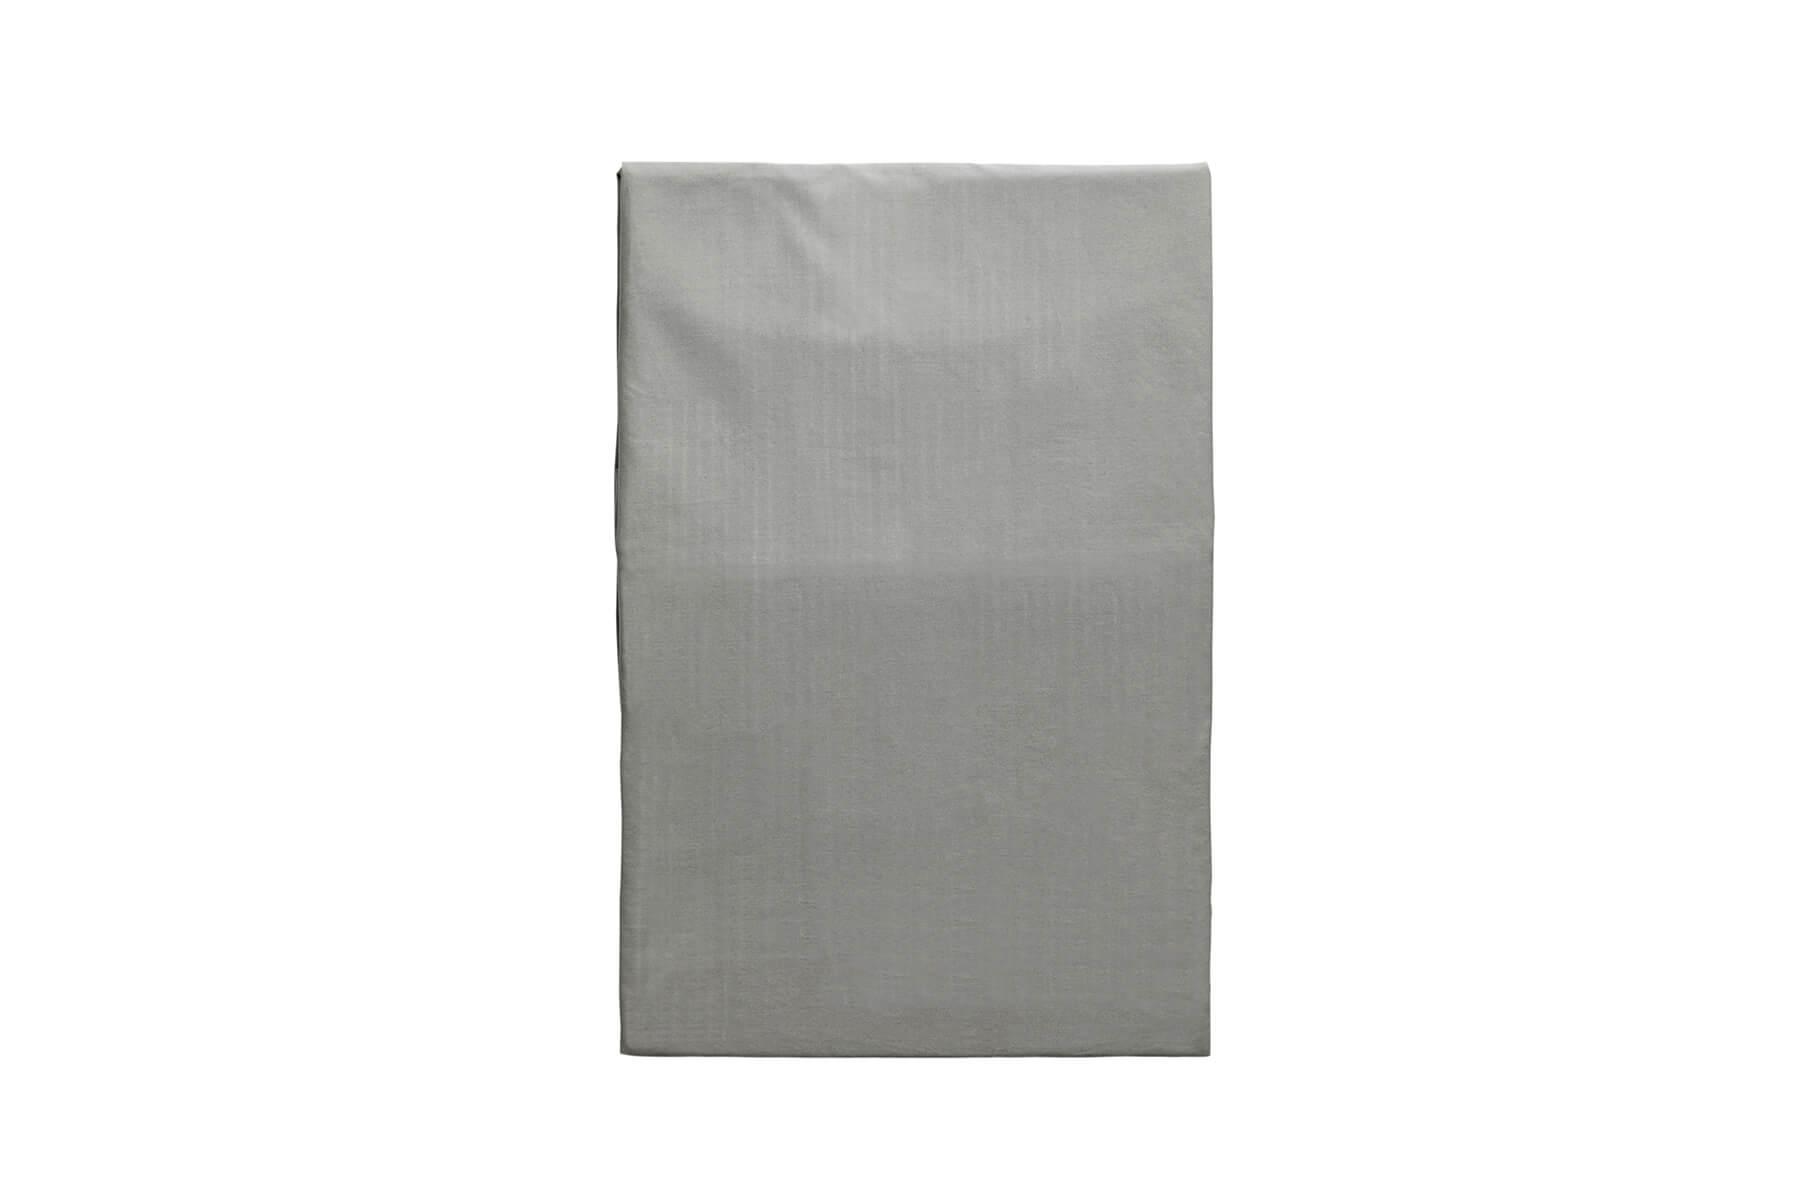 Køb Norhland kuvertlagen GrÃ¥ 160 x 200 cm